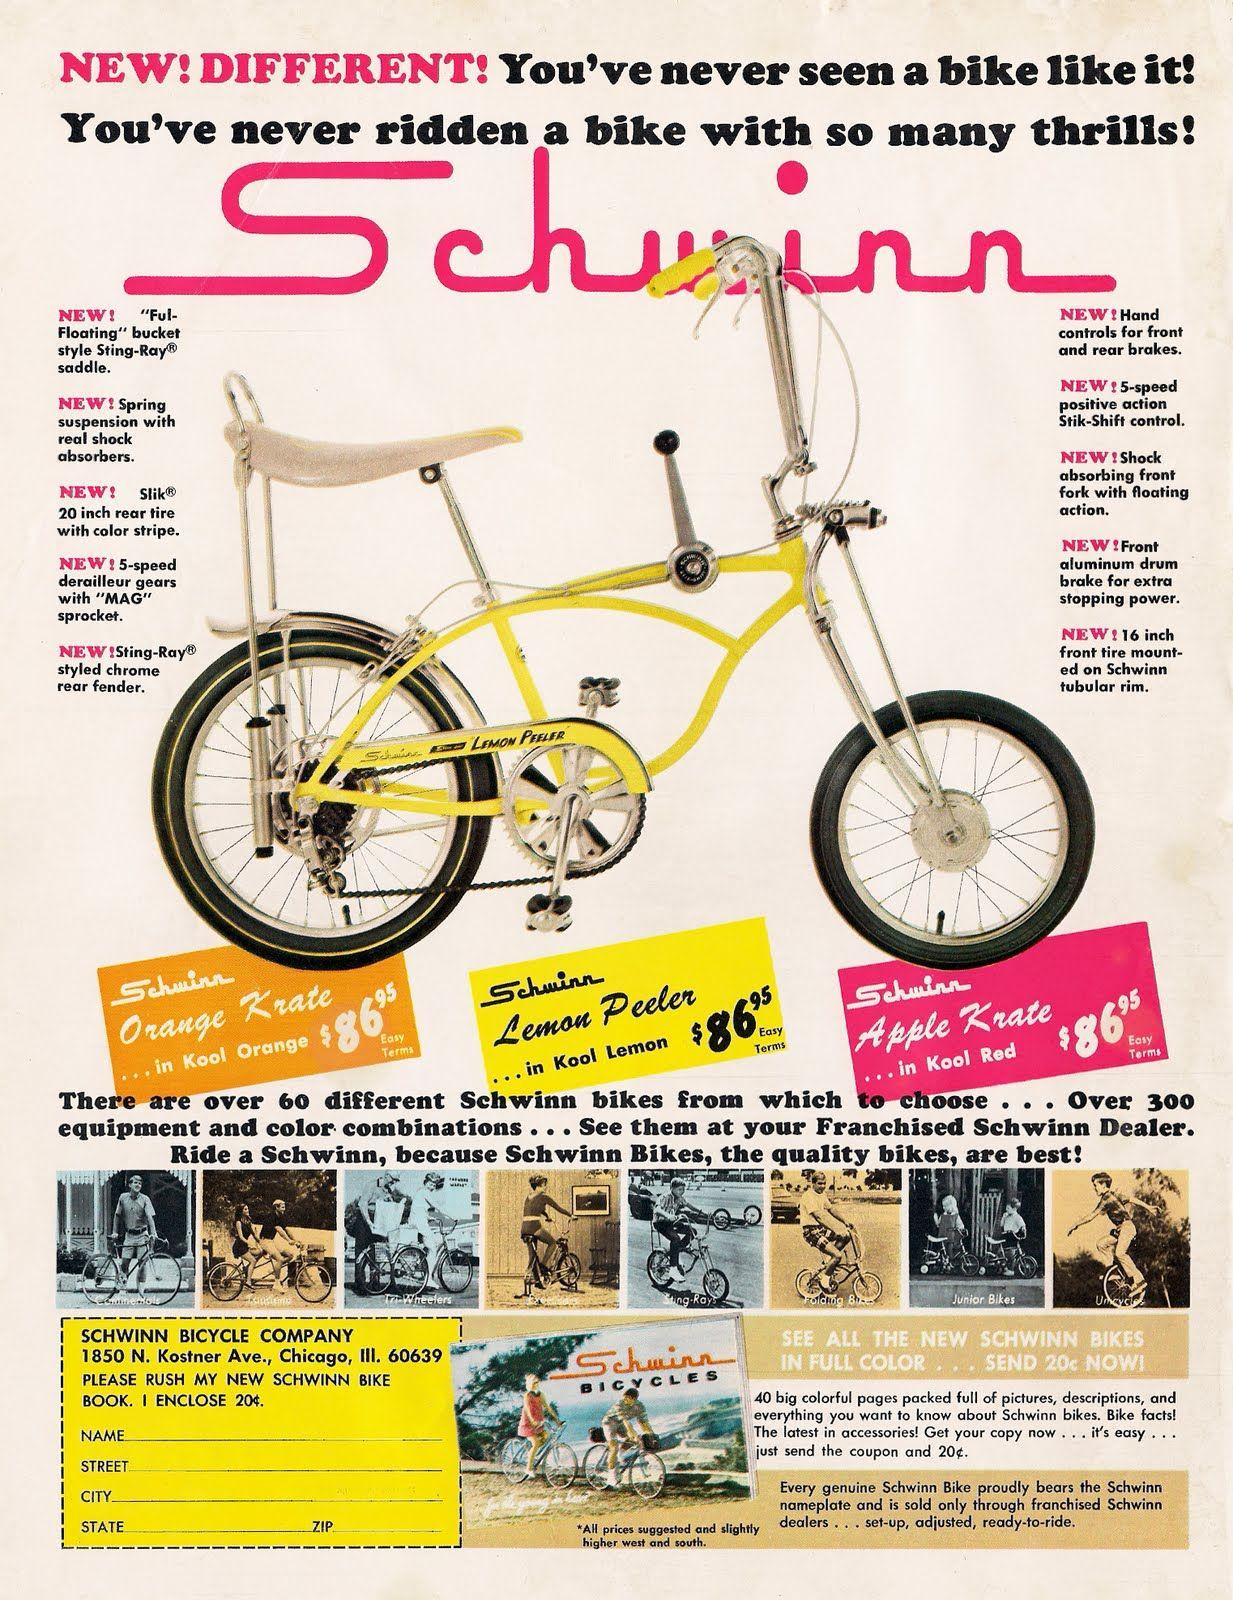 vintage Schwinn 5speed bicycle advertisement, my sister has an